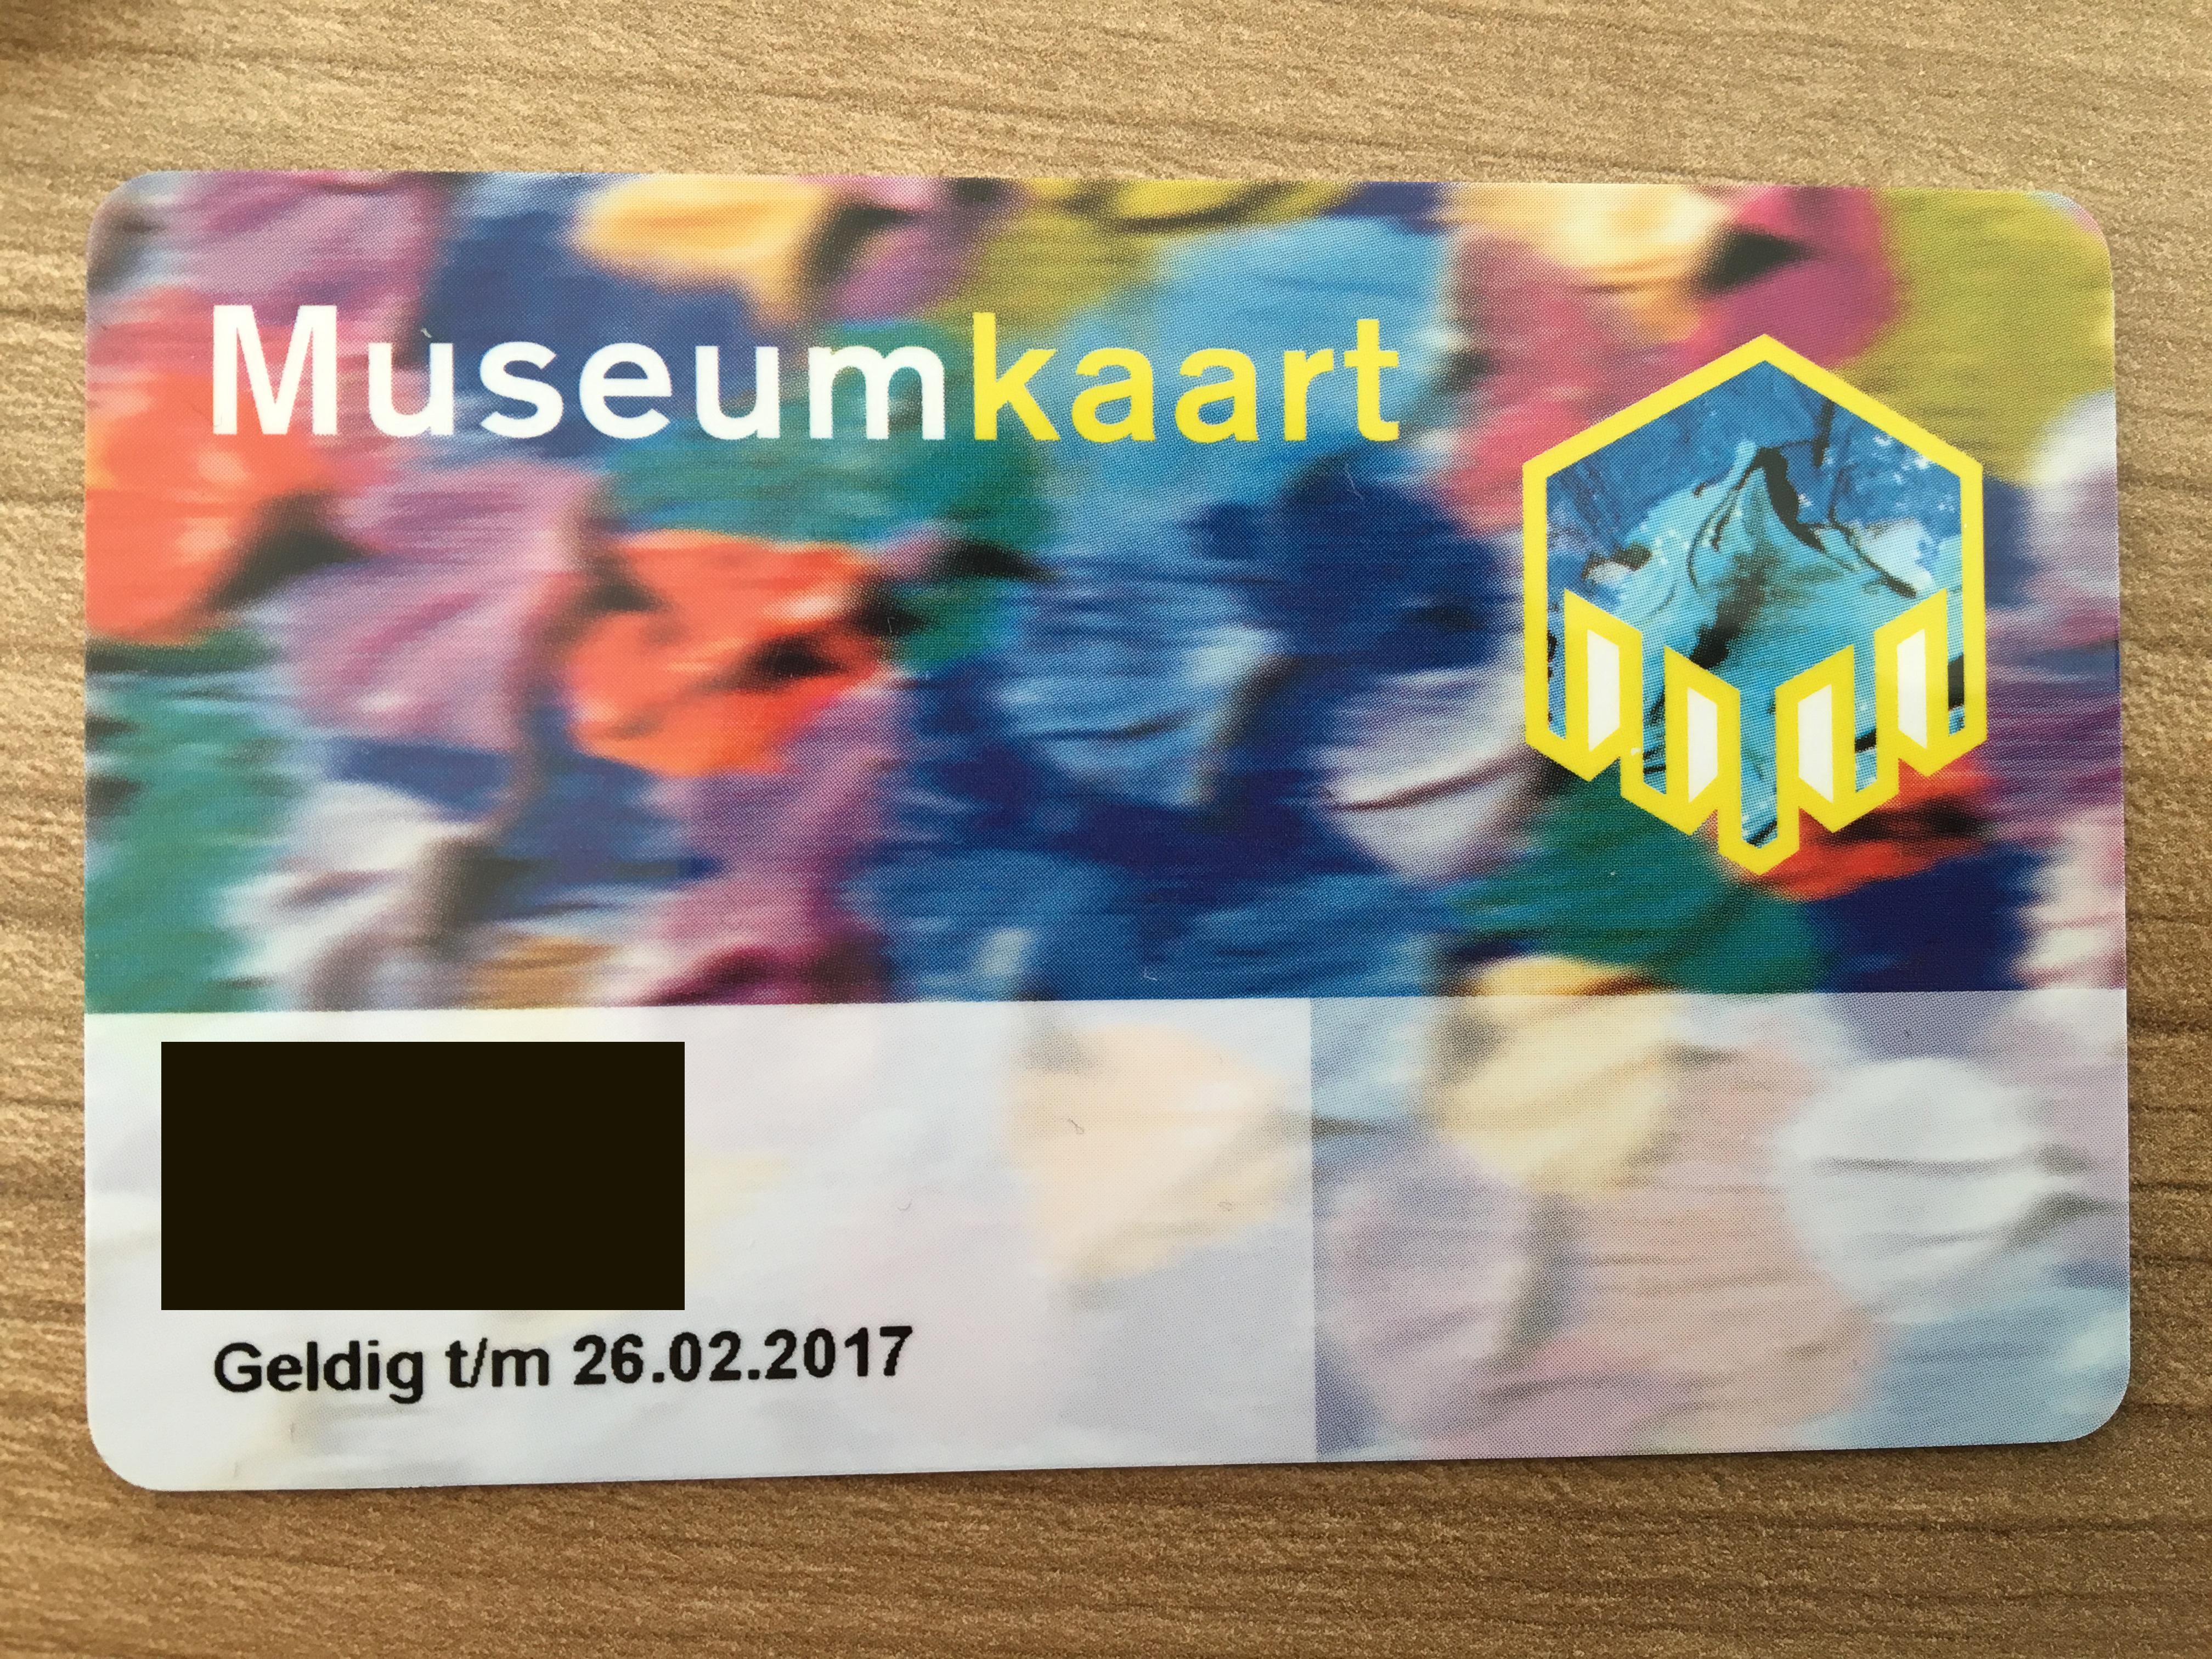 オランダの便利なミュージアムカード(Museumkaart)